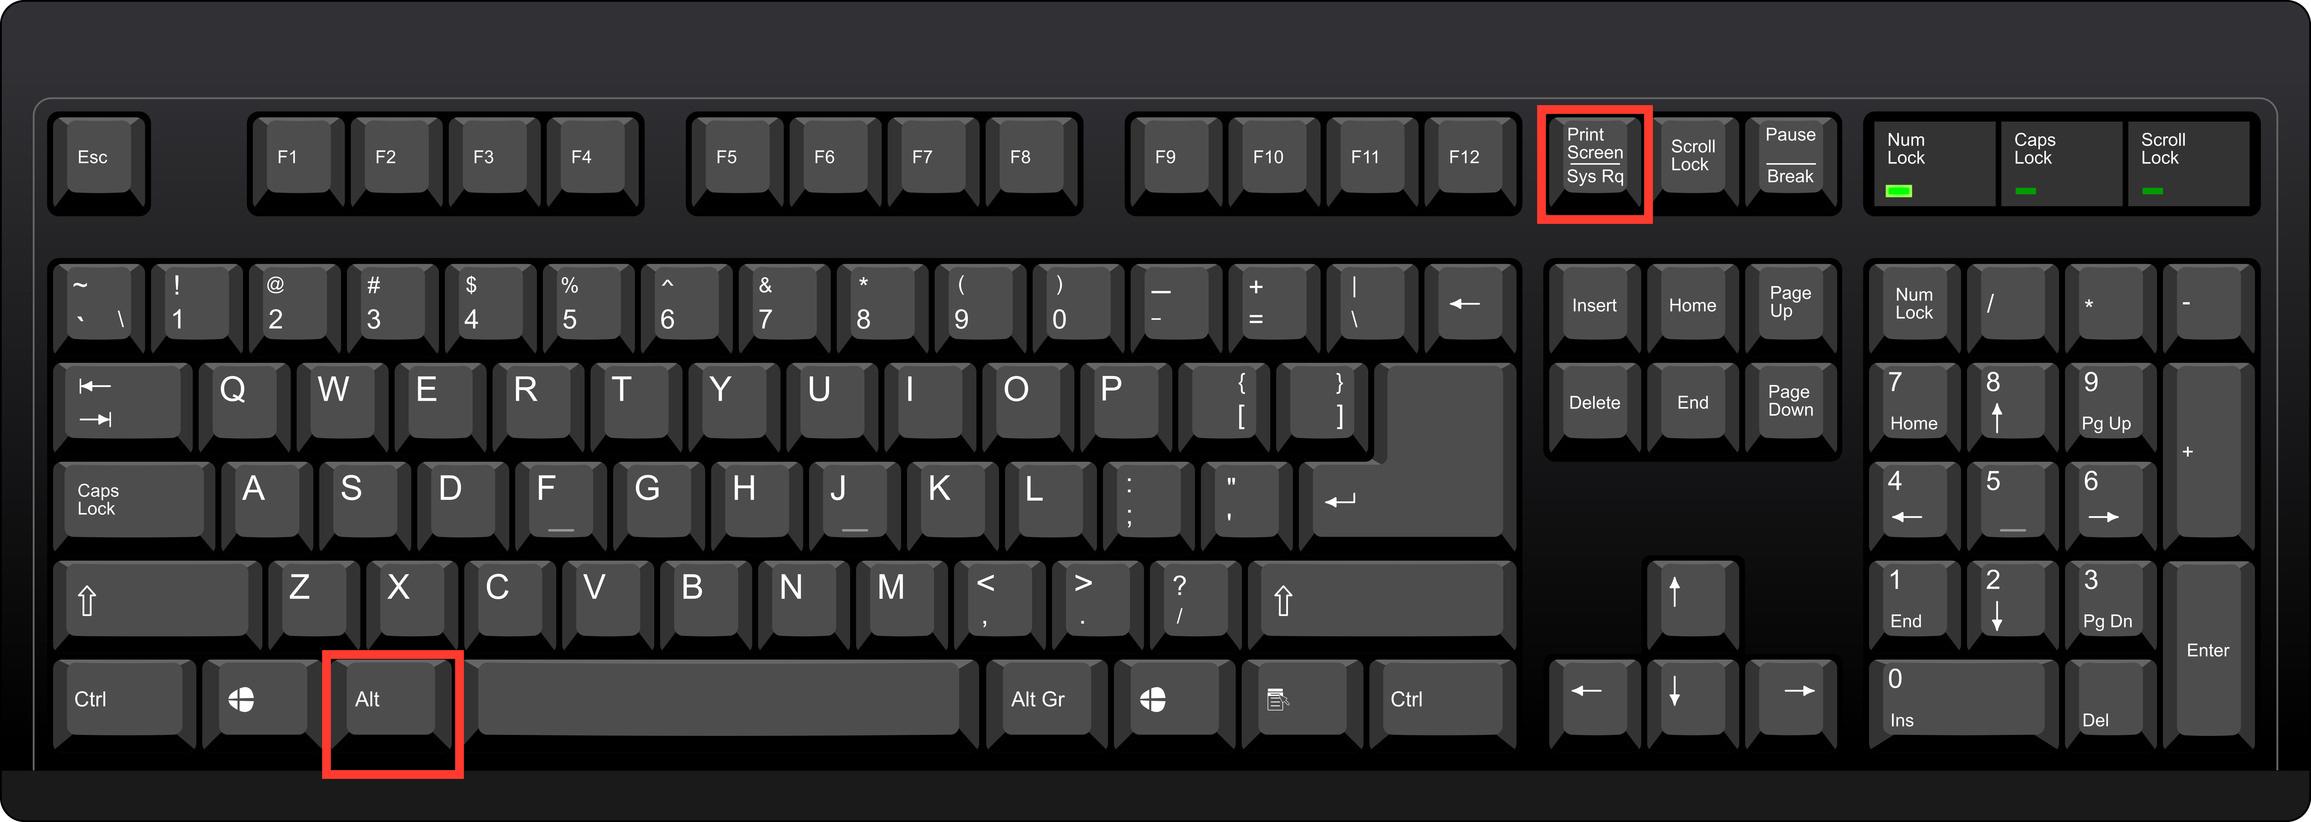 How do I take a screenshot on Windows? - ask.PLCSCOTCH